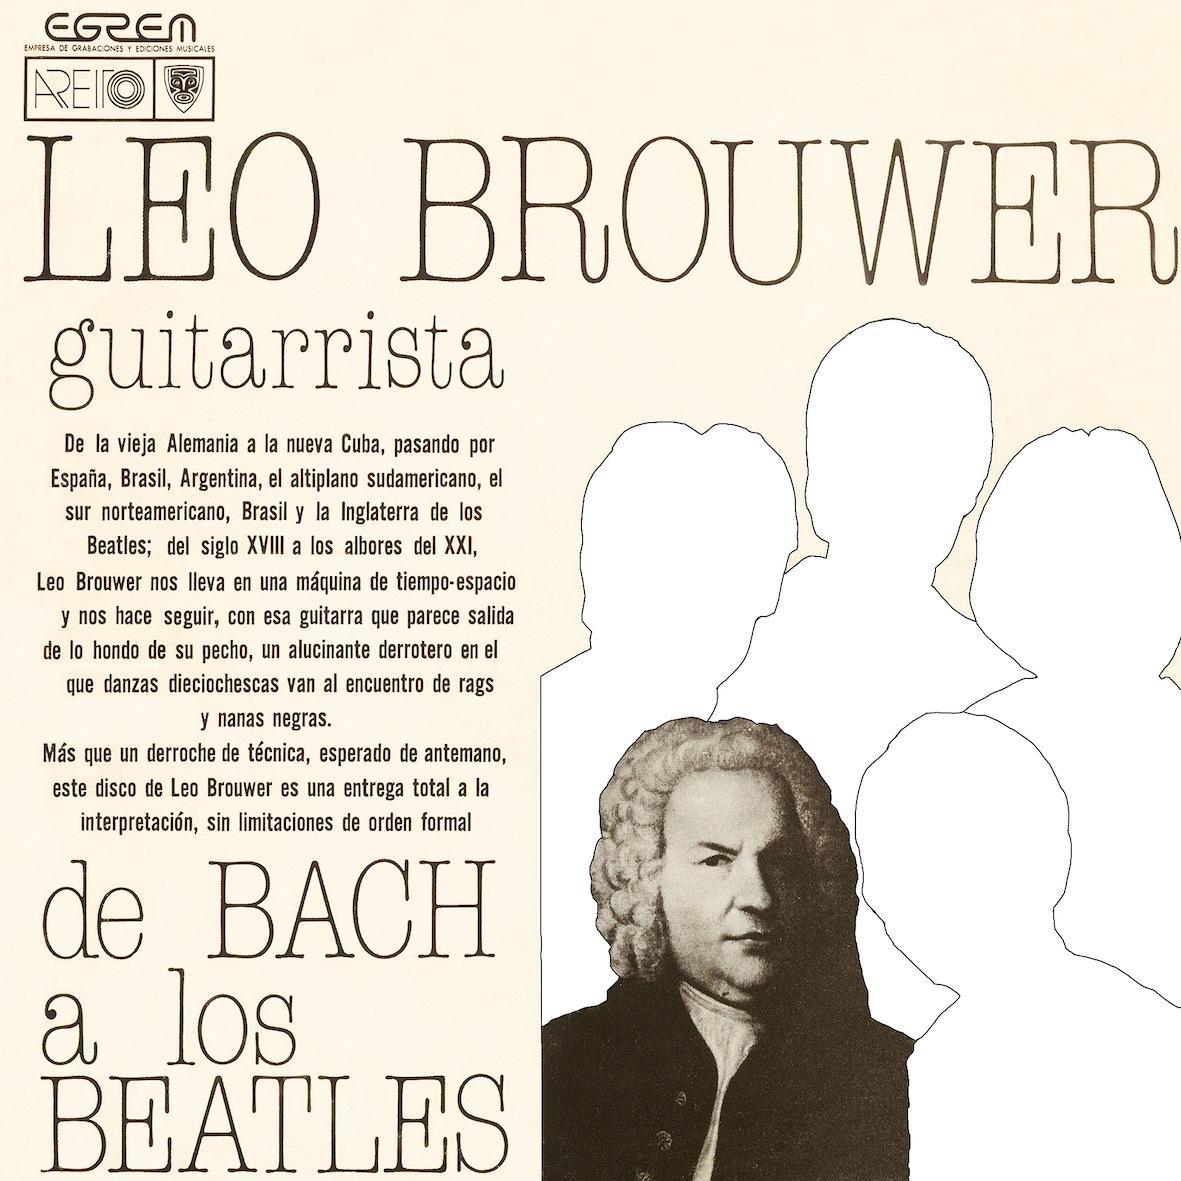 《現代、ギター音楽の巨匠》レオ・ブローウェル、ギタリストとして活躍していた時期の傑作2枚が、デジタル・リマスターで同時復刻!_e0193905_18383002.jpg